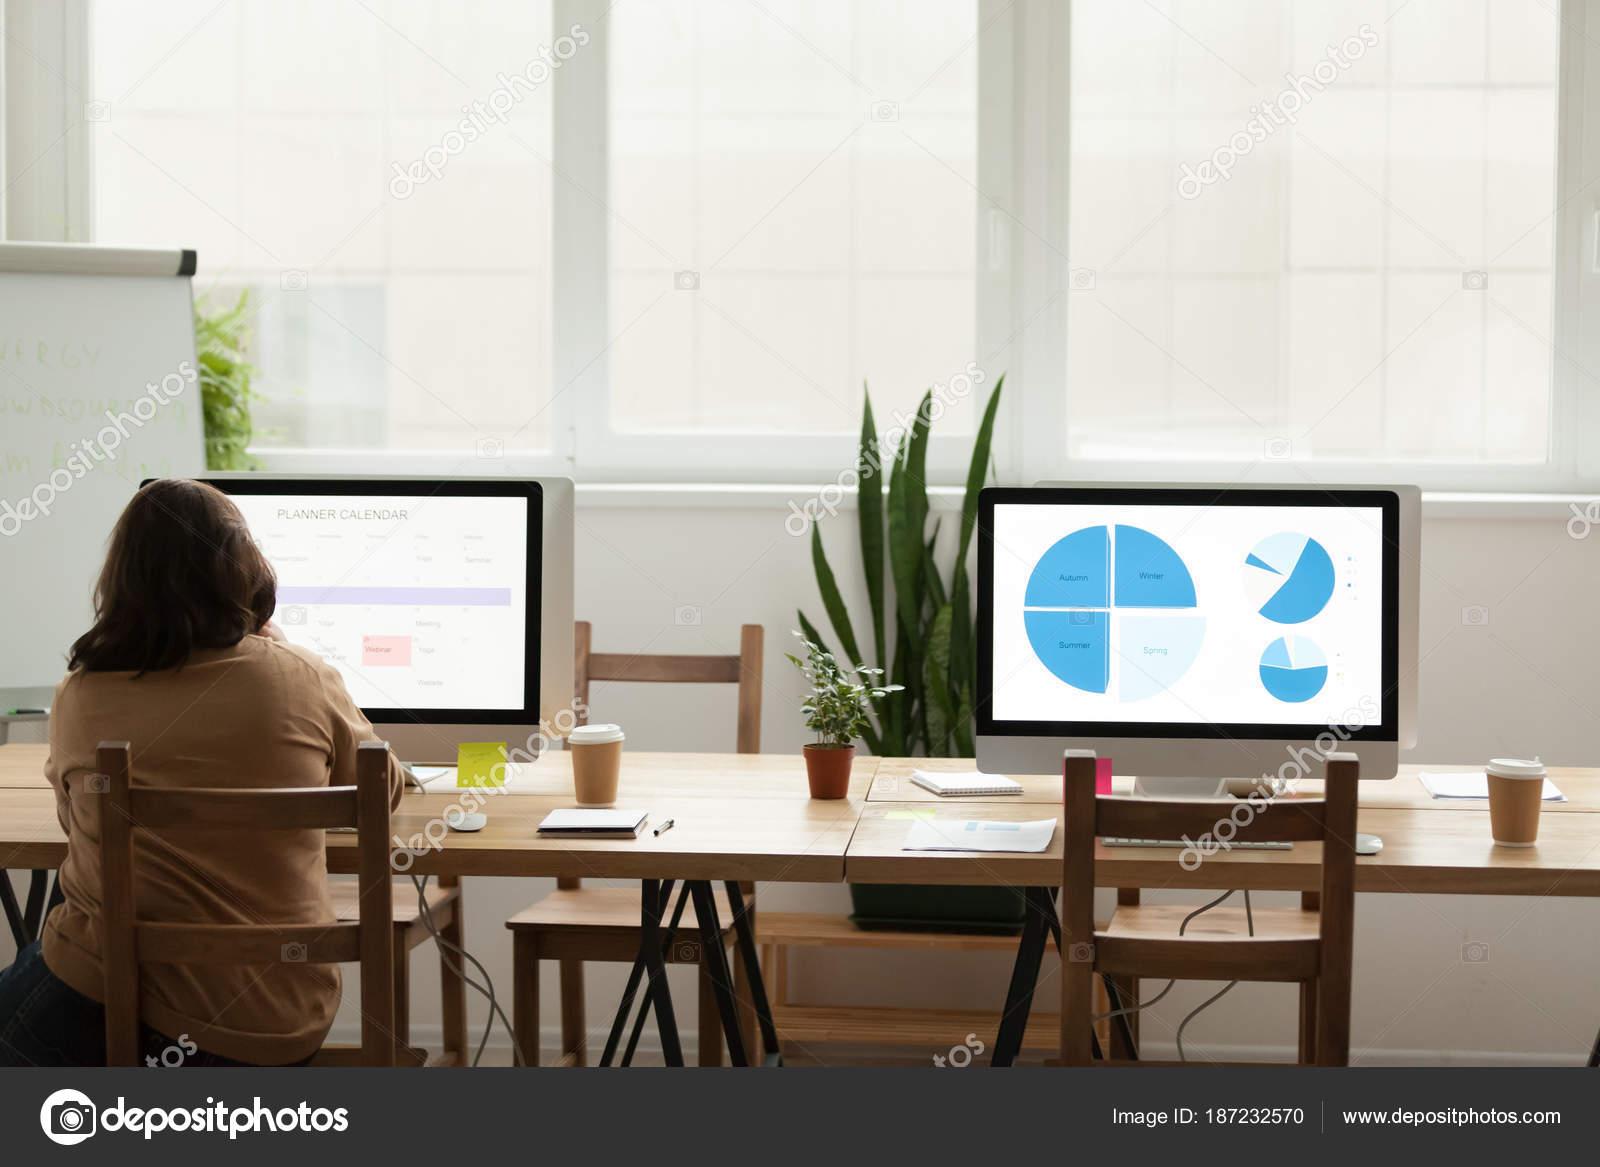 Ufficio Moderno Di Lusso : Ufficio moderno spazio di coworking con donna che lavora da solo